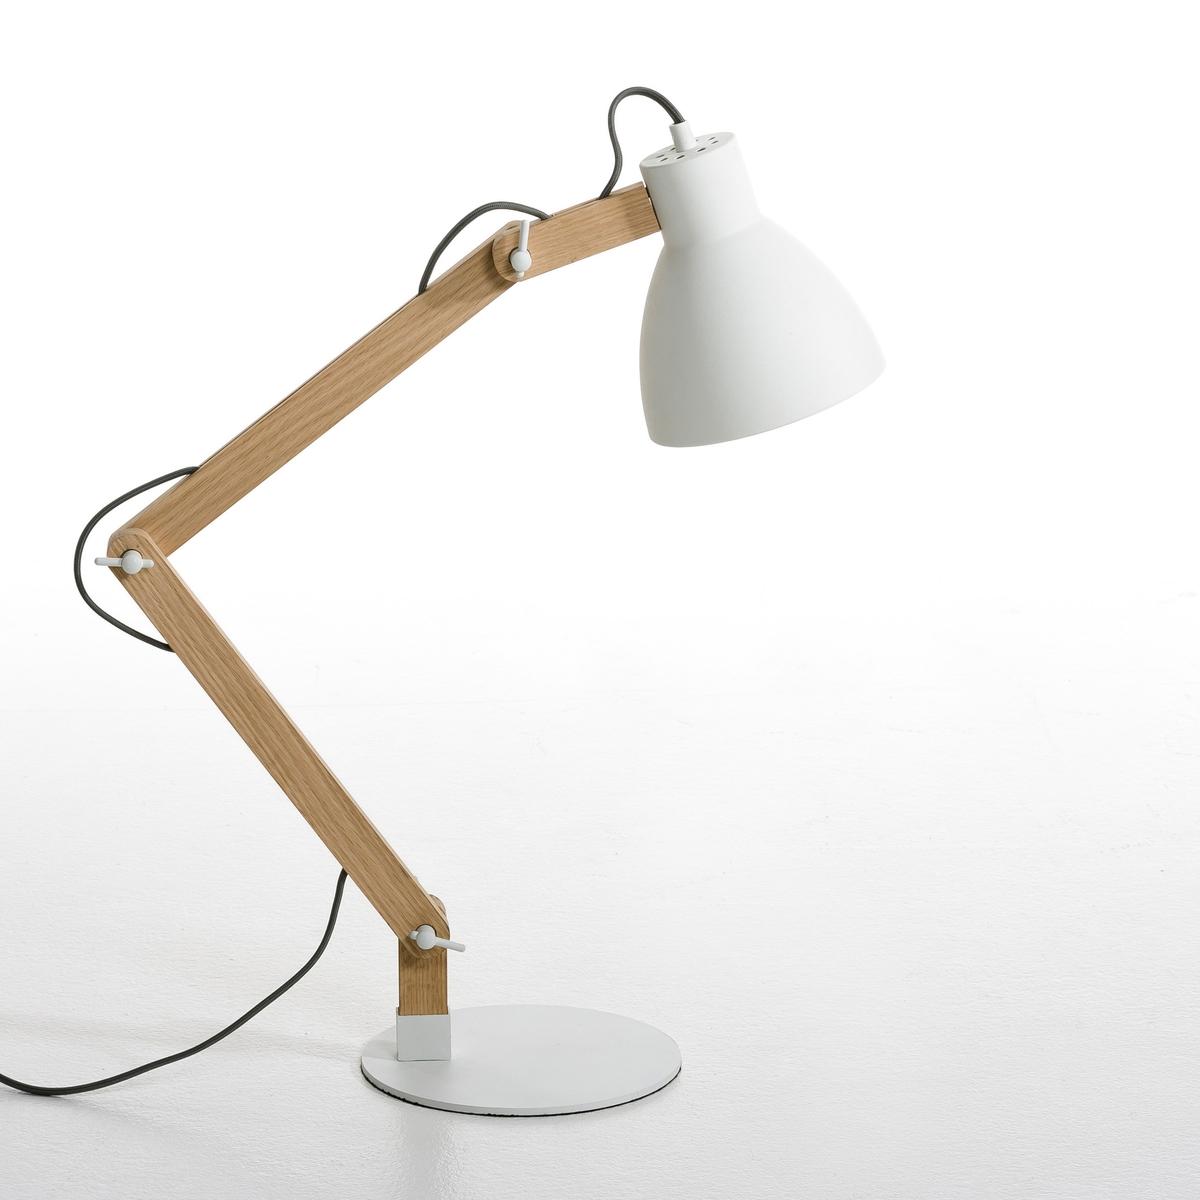 Лампа настольная ThaddeusНастольная лампа со свежим и простым дизайном, в скандинавском стиле, из необработанного дуба и металла с белым матовым эпоксидным покрытием . Электрический кабель из серого хлопка . Регулируемые лапка и абажур с крепежом из металла . Патрон E27 для флюокомпактной лампочки макс 20W (не входит в комплект)  . Размеры (в обычном положении). Д.45 x Г.20 см x высота ок.7 см.Этот светильник совместим с лампочками    энергетического класса   A .Это изделие может подойти для детской комнаты ( с 14 лет) в зависимости от действующих норм  .<br><br>Цвет: белый,розовый,хаки,черный<br>Размер: единый размер.единый размер.единый размер.единый размер